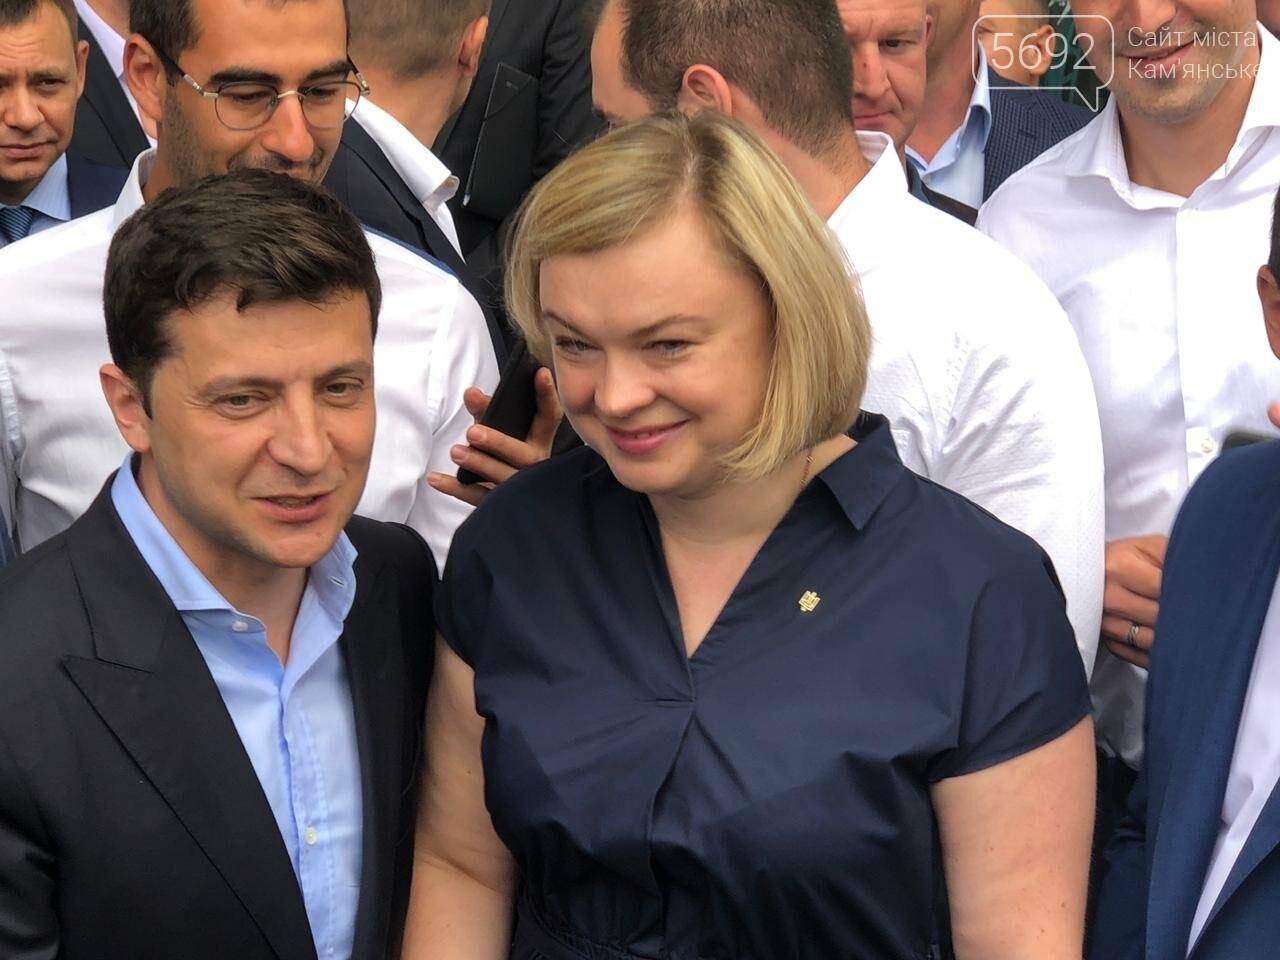 """Кандидат в народные депутаты Анна Личман: """"Мощная поддержка - это большая  ответственность"""", фото-1"""